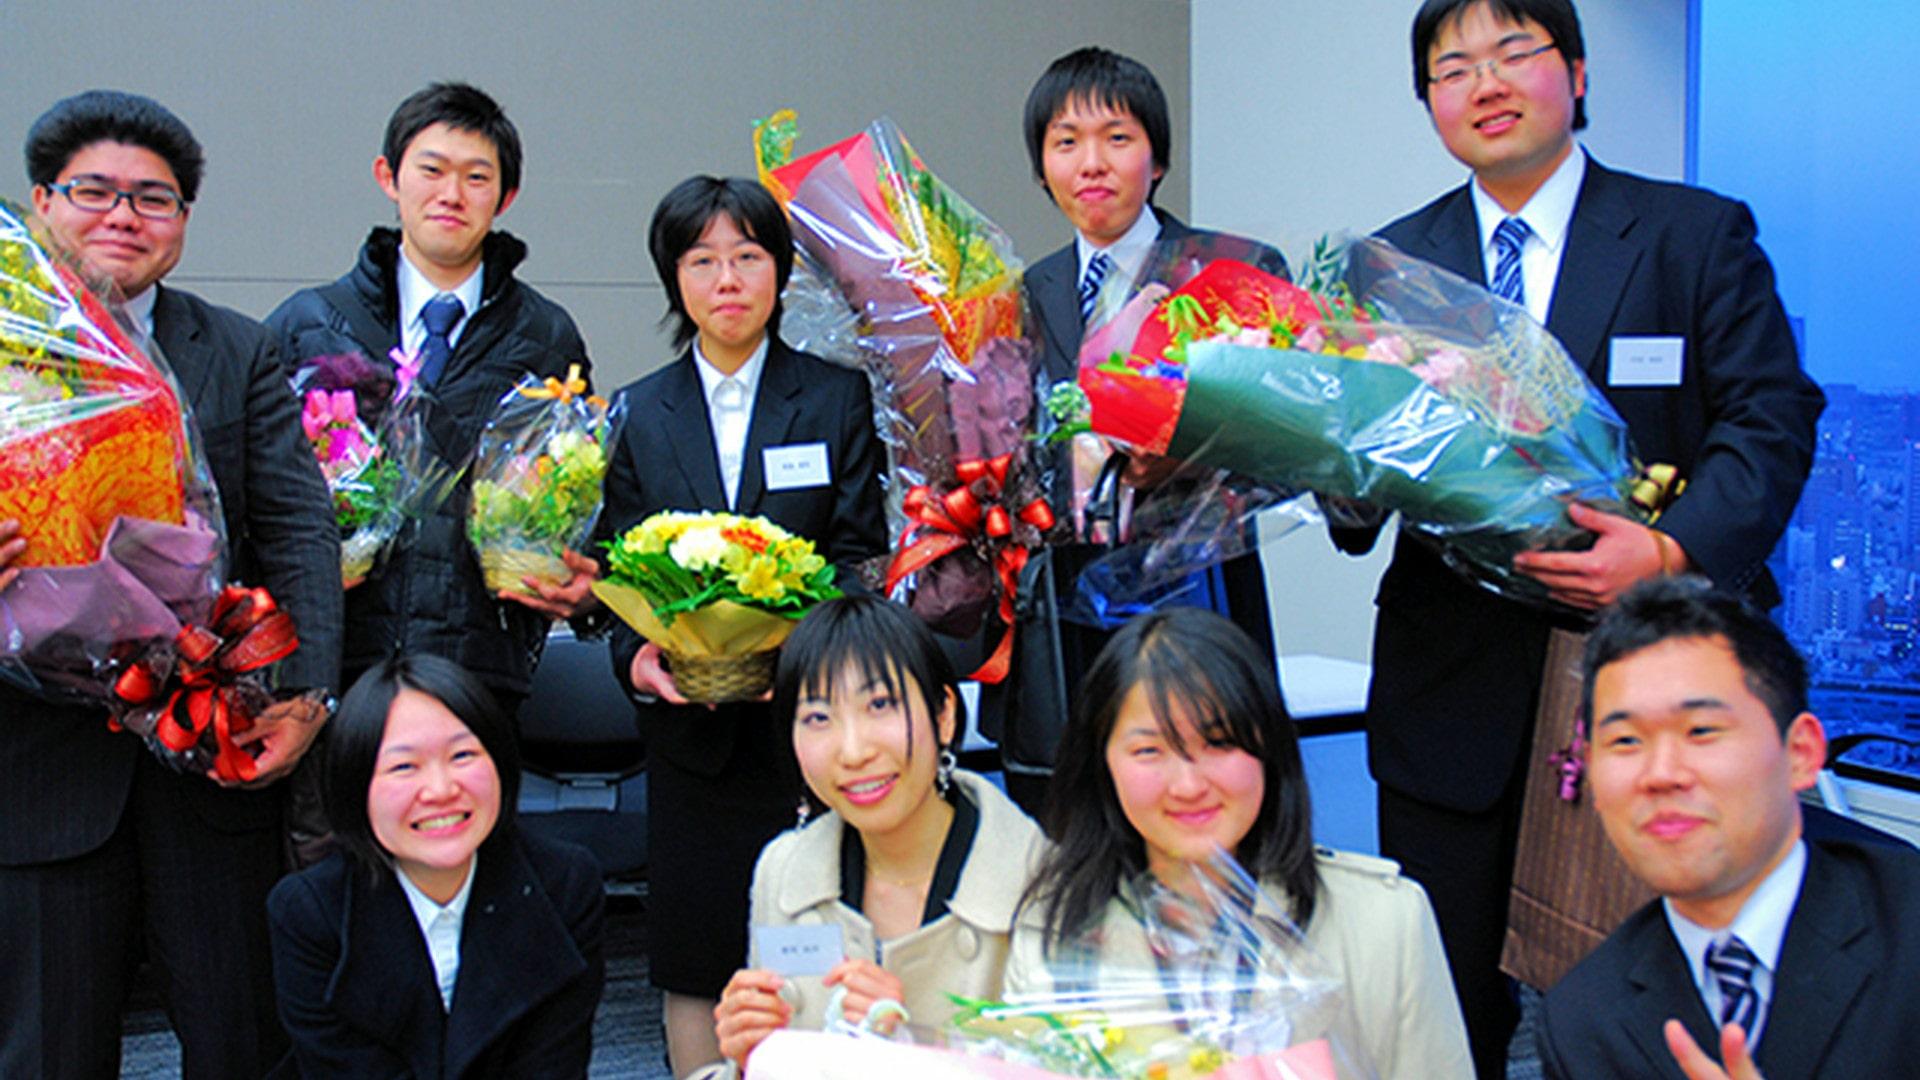 出張ケータリングオリジナル送別会・謝恩会・卒園式・卒業式ビュッフェパーティープラン #4